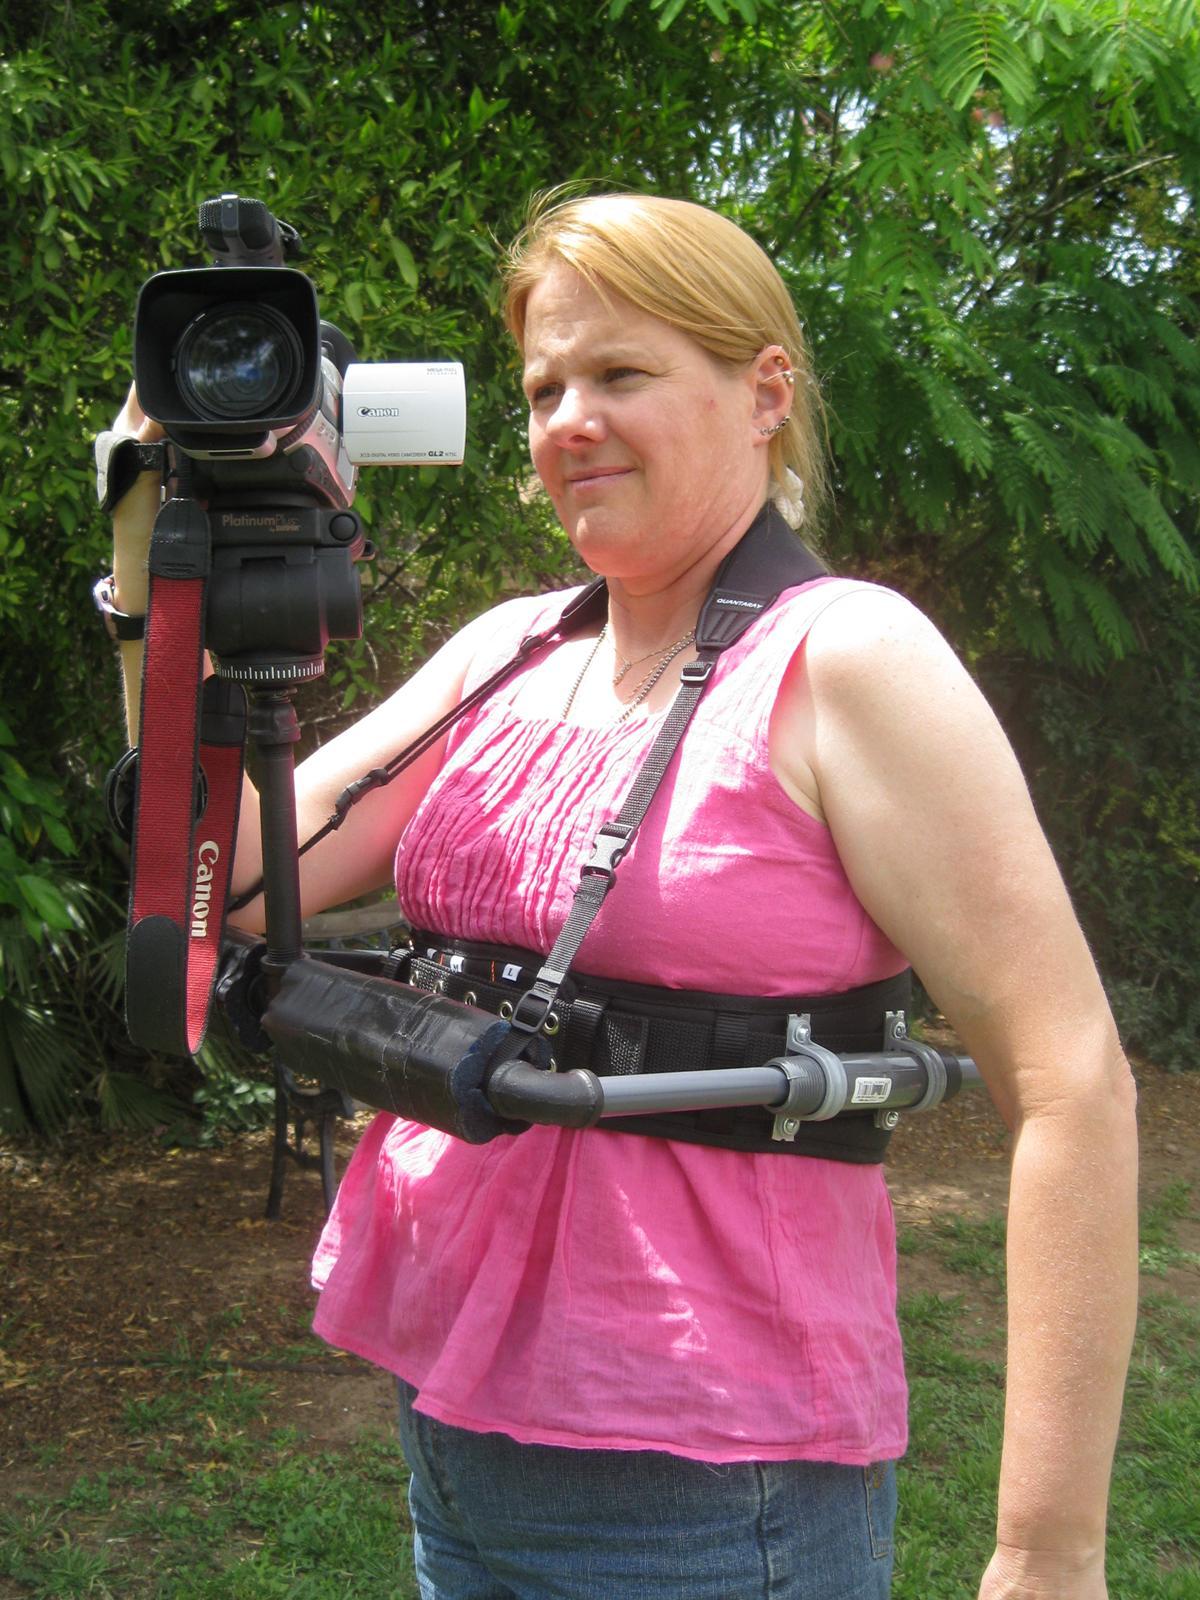 Soccer mom endurance mount